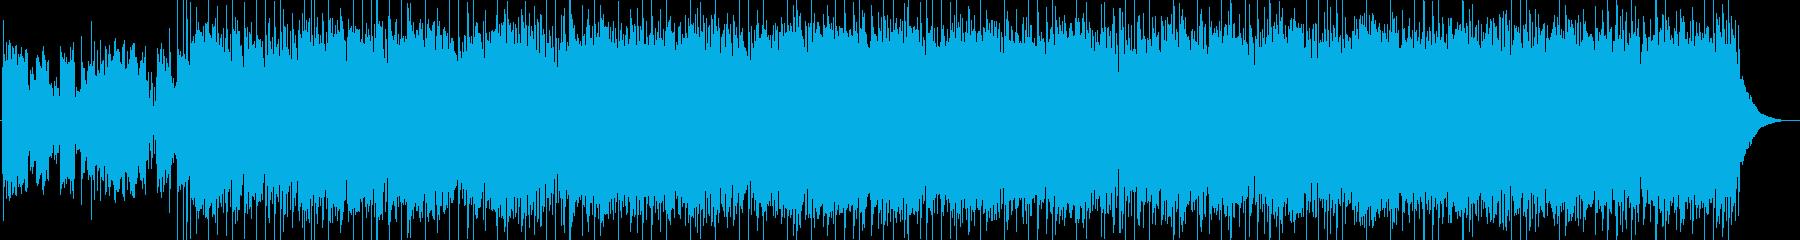 エレクトロニック、テクノ、マトリッ...の再生済みの波形